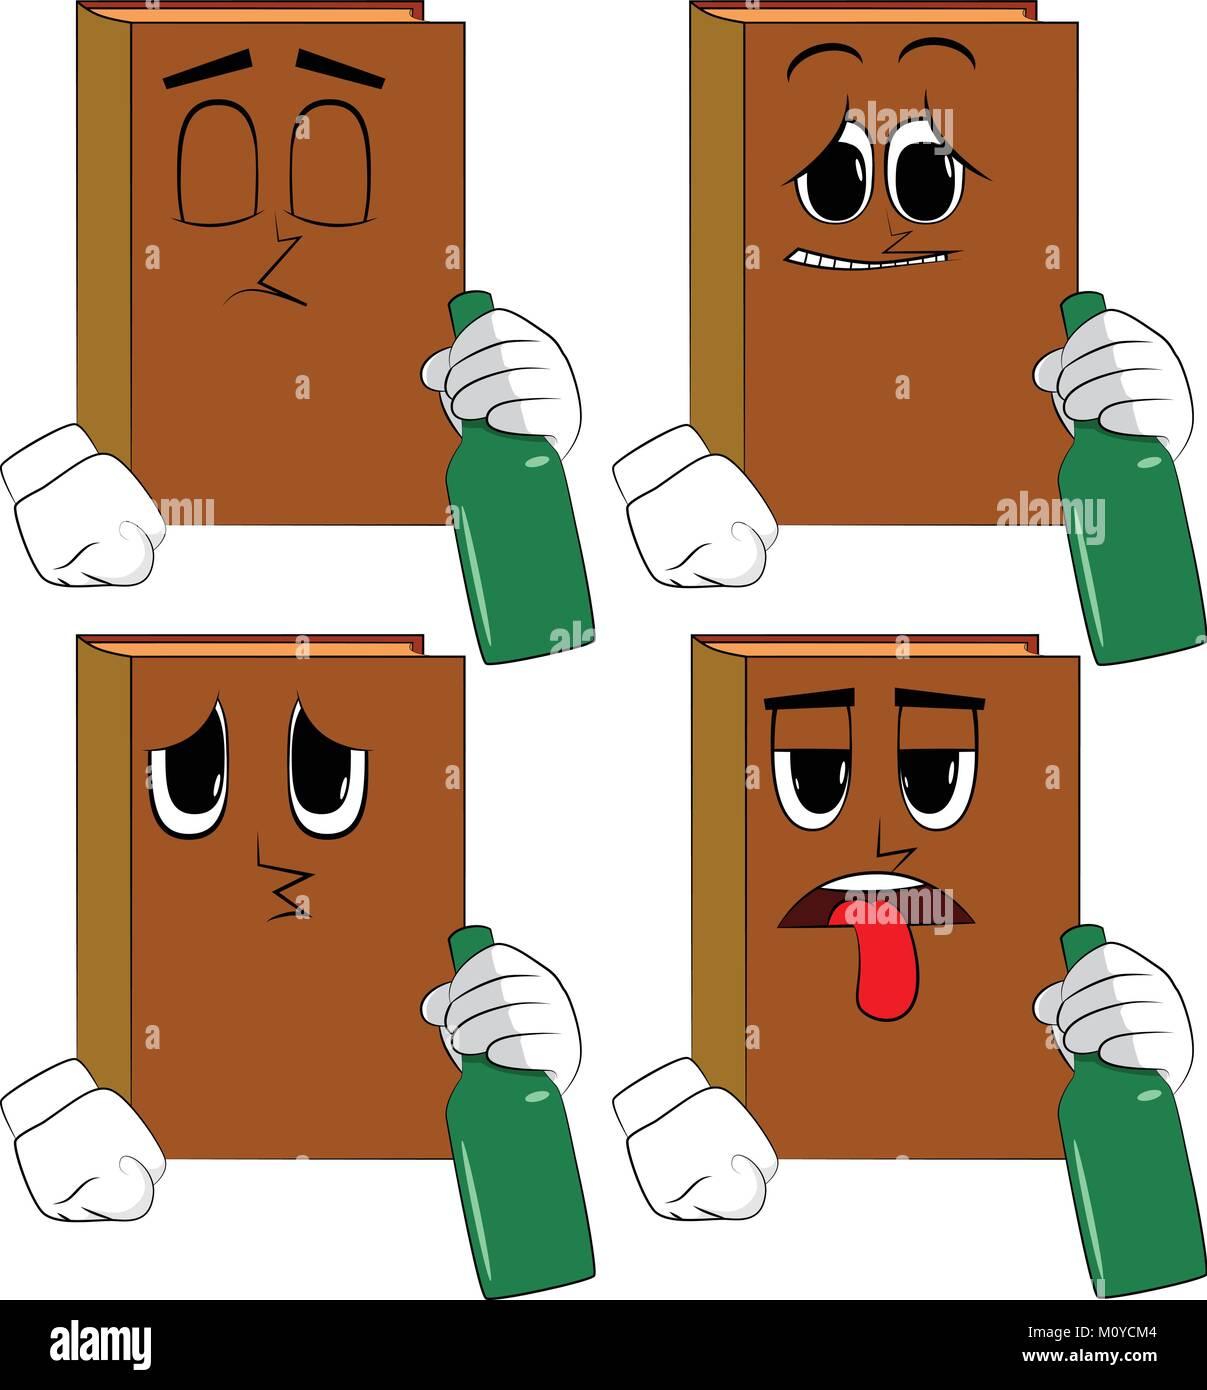 Libros sosteniendo una botella. Colección de libros de dibujos animados con  rostros tristes. Vector afe4fe952da0